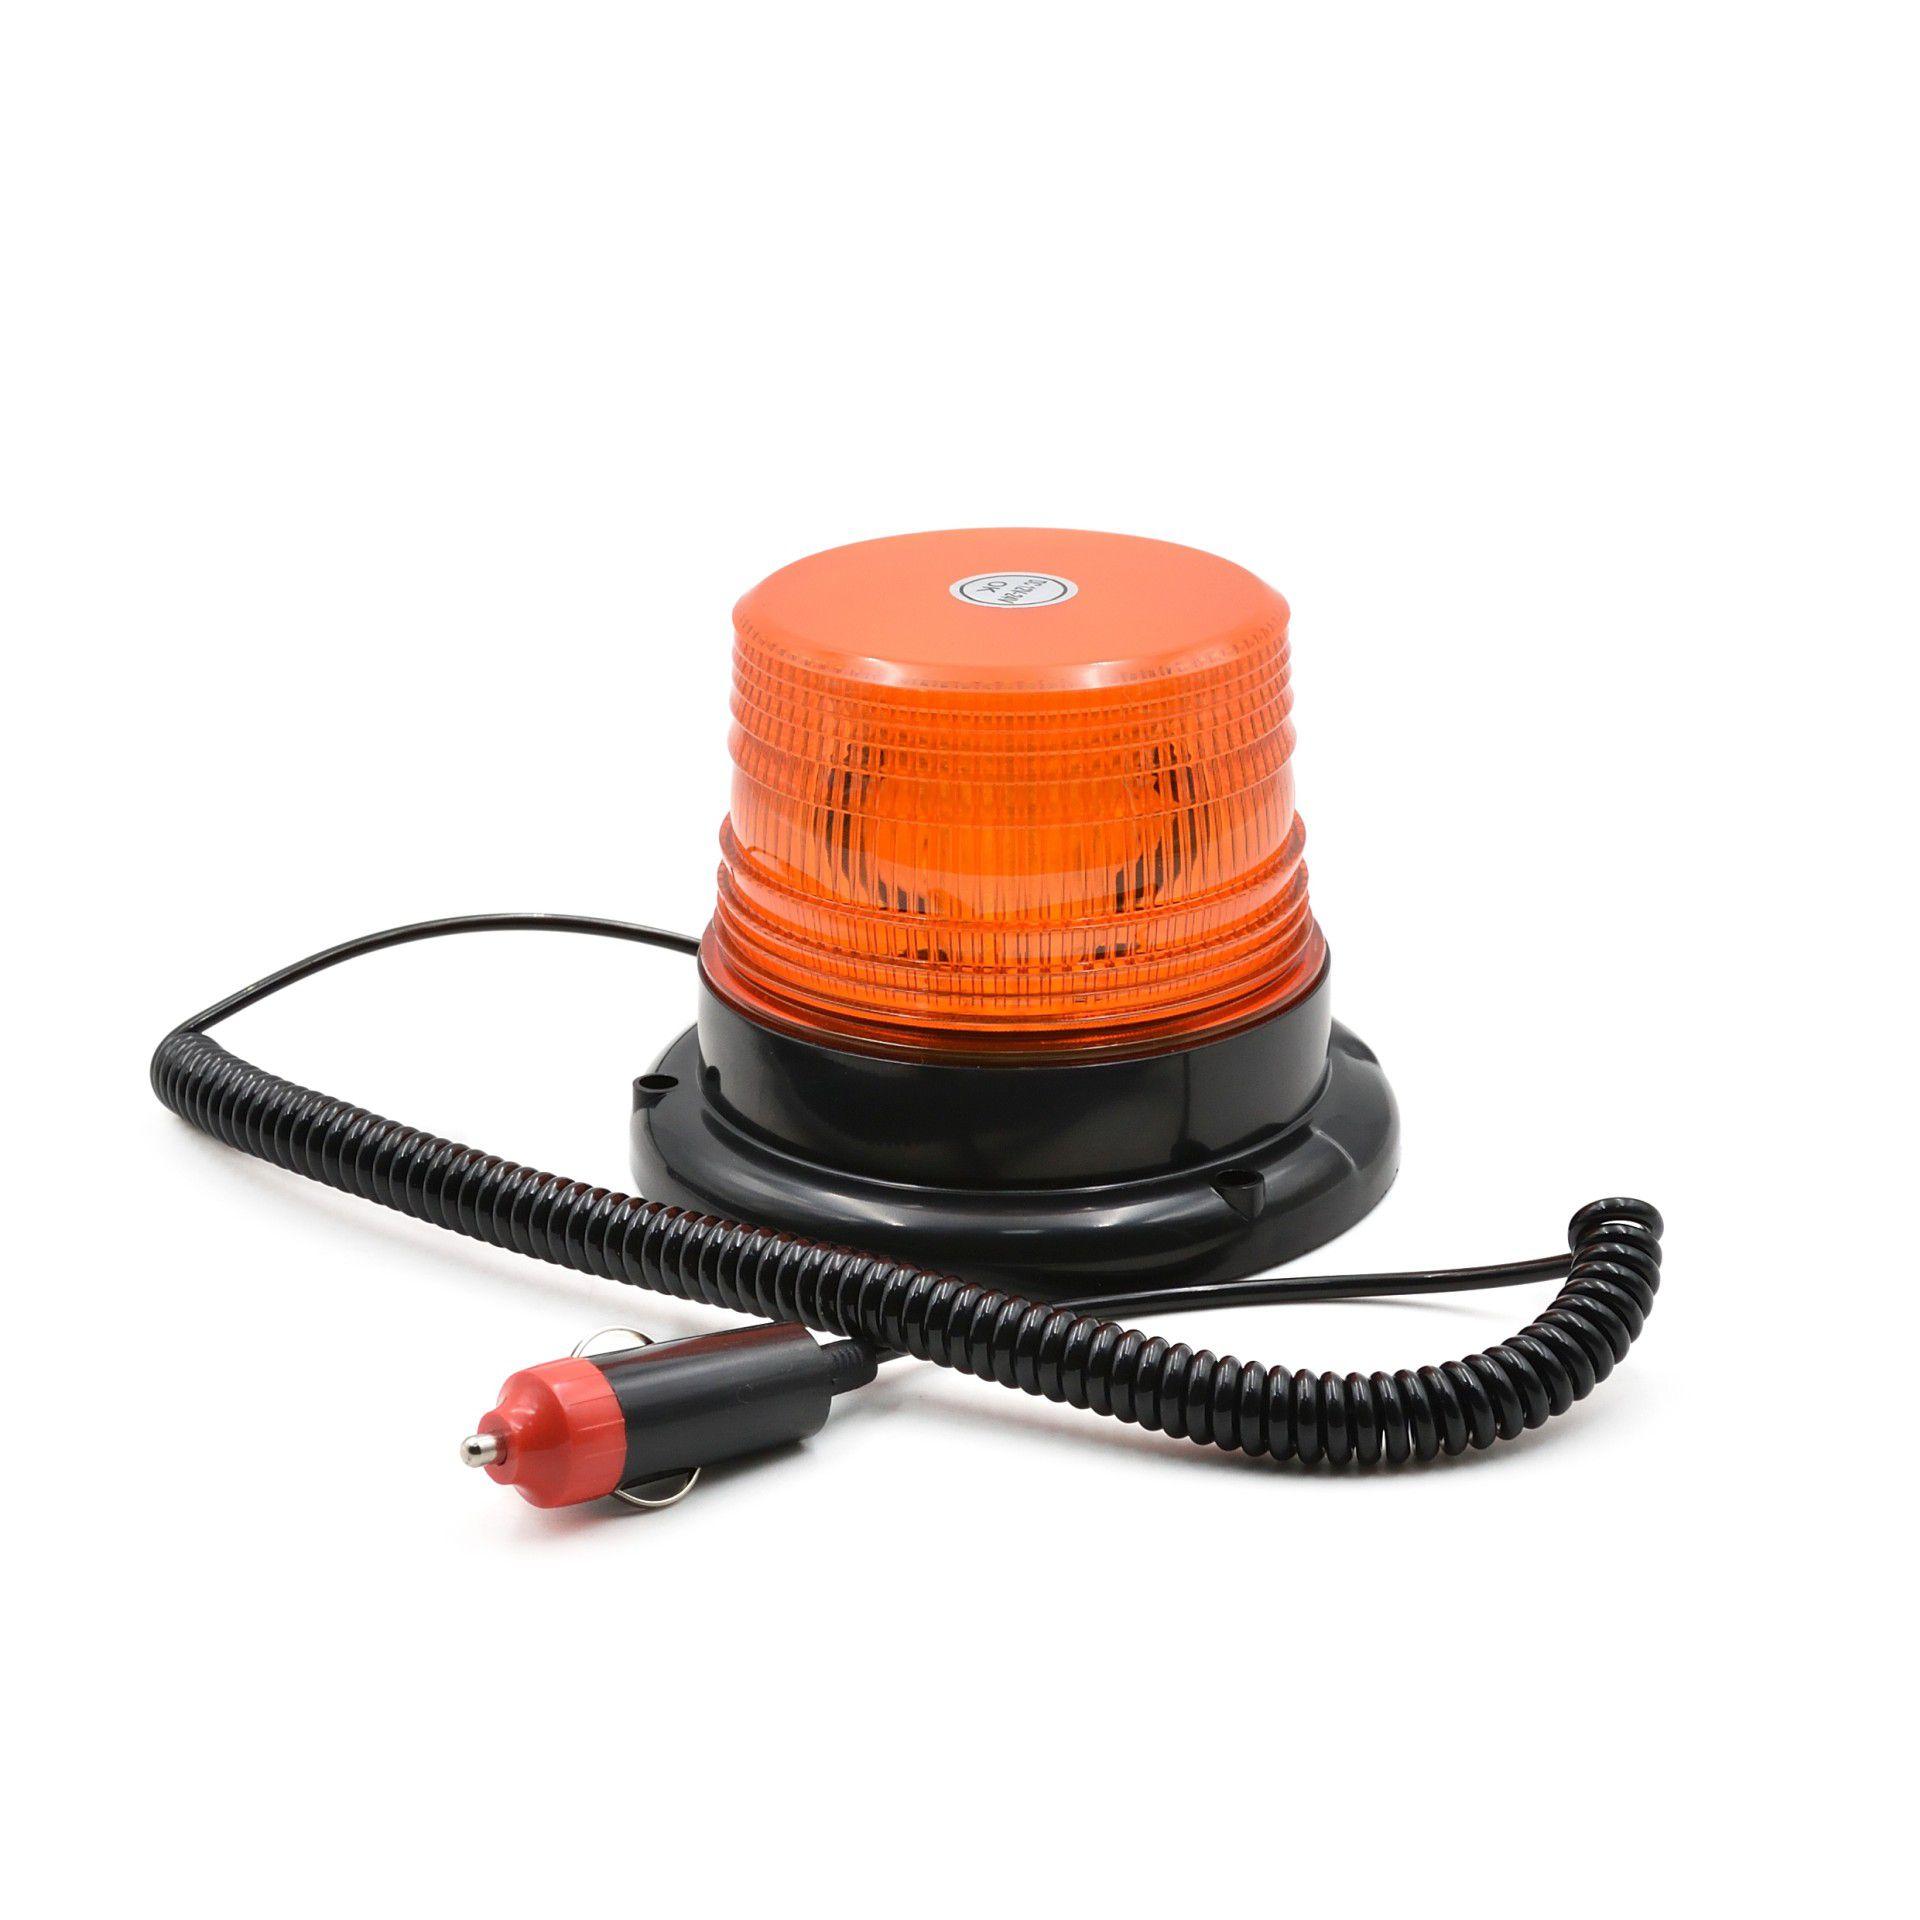 Lampa ostrzegawcza 12 24 V Geko